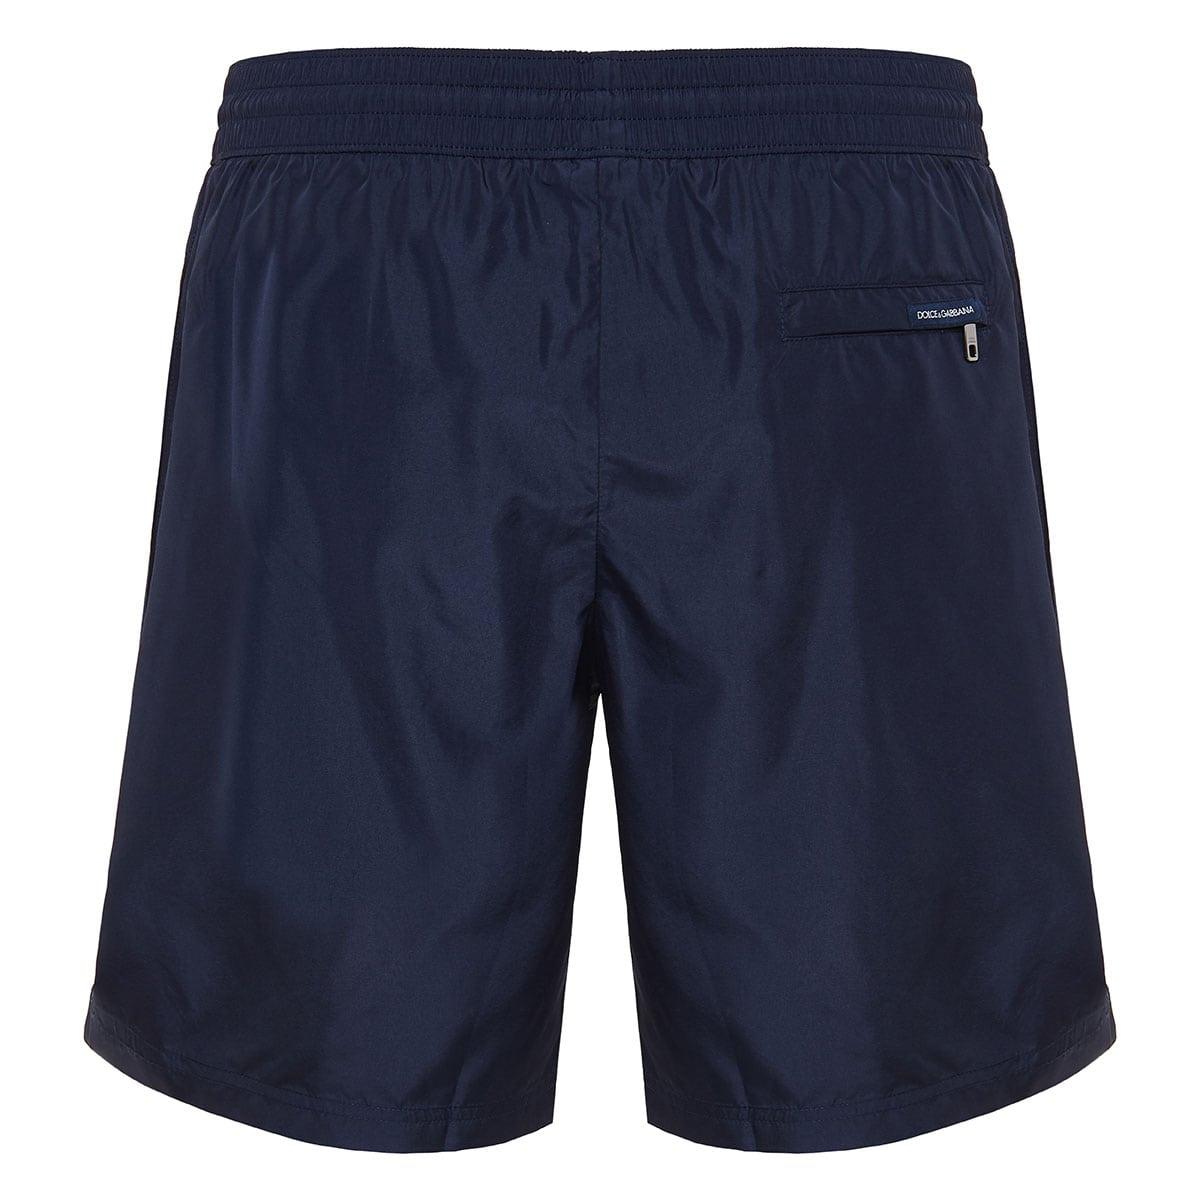 Nylon swim shorts